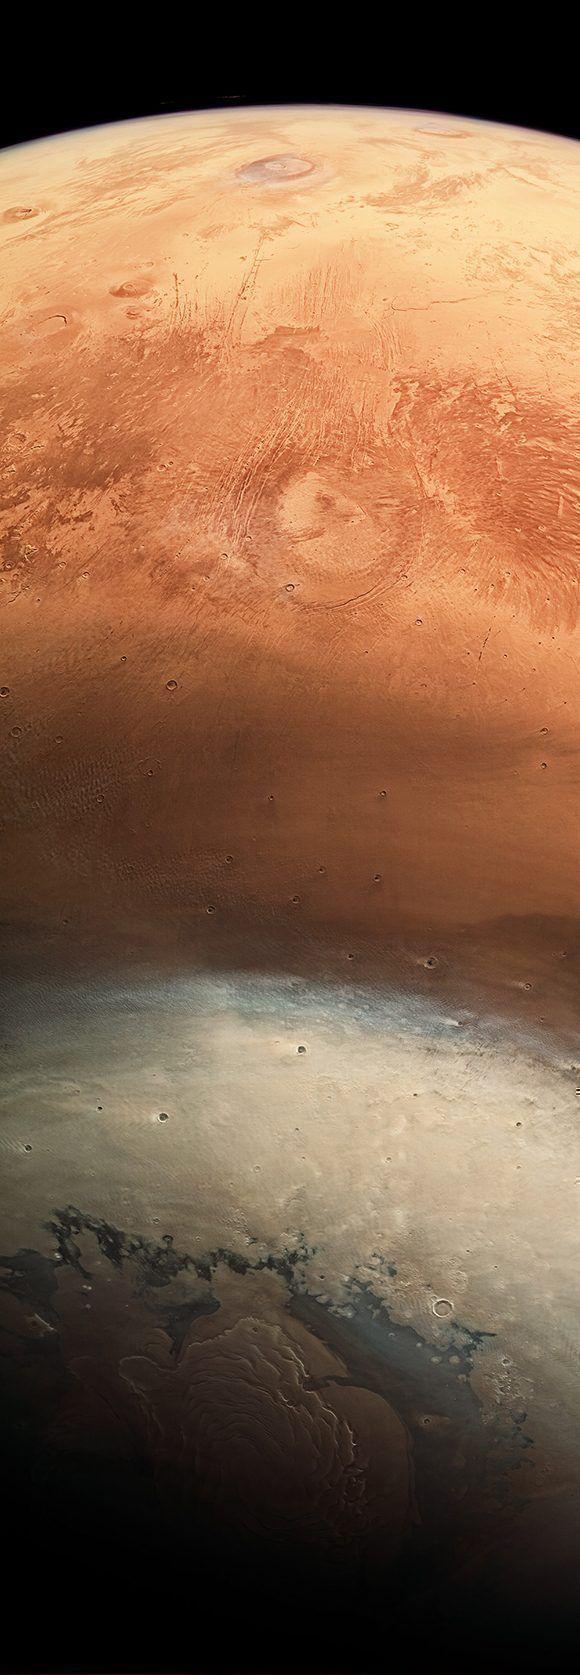 Esta imagen muestra los casquetes congelados en el polo Norte de Marte y ha cambiado la manera en que observábamos al planeta rojo. Foto: NASA.